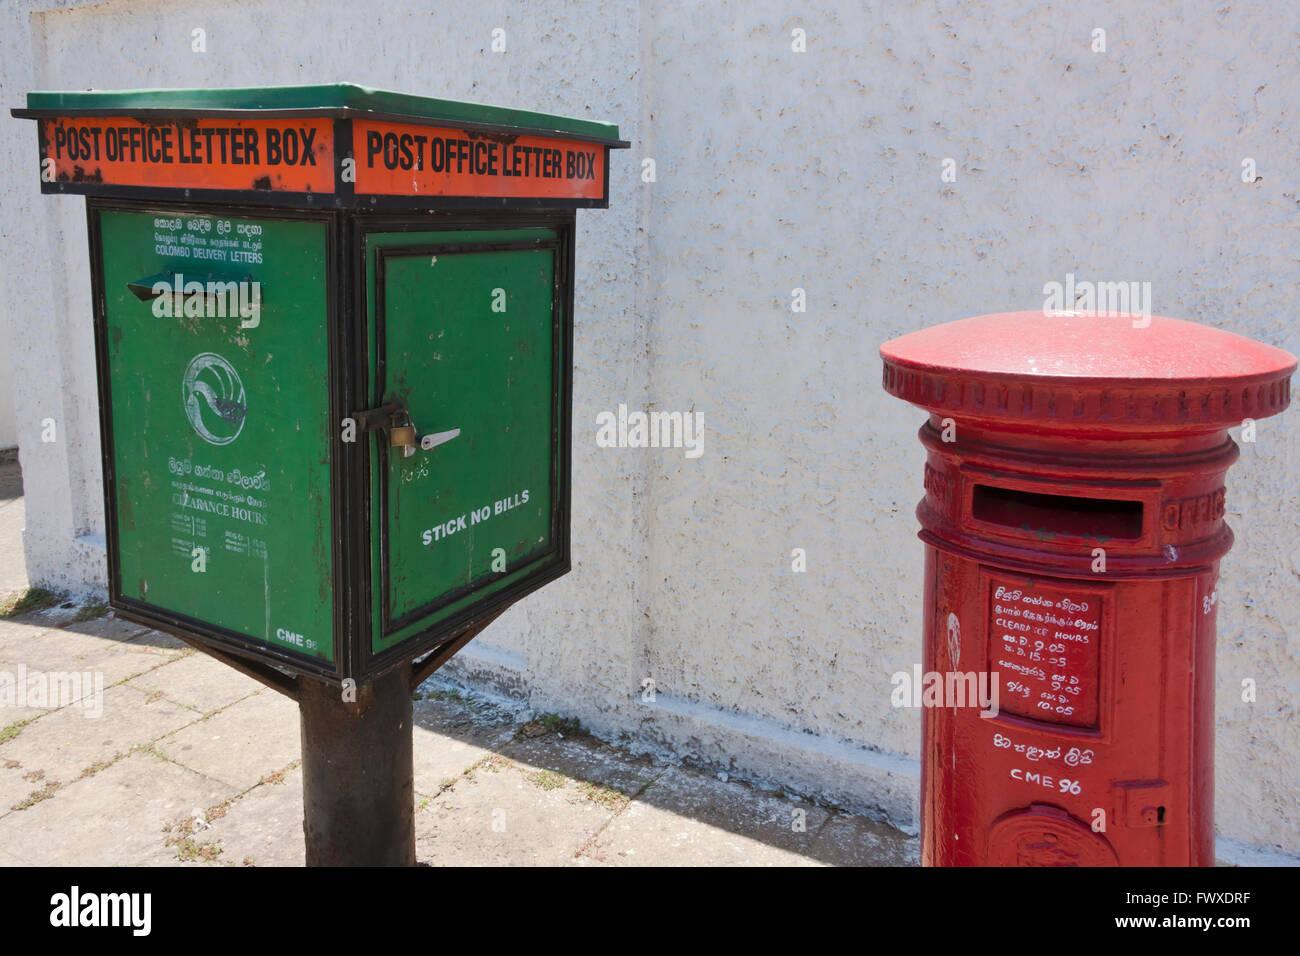 Postal box in Colombo, Sri Lanka - Stock Image